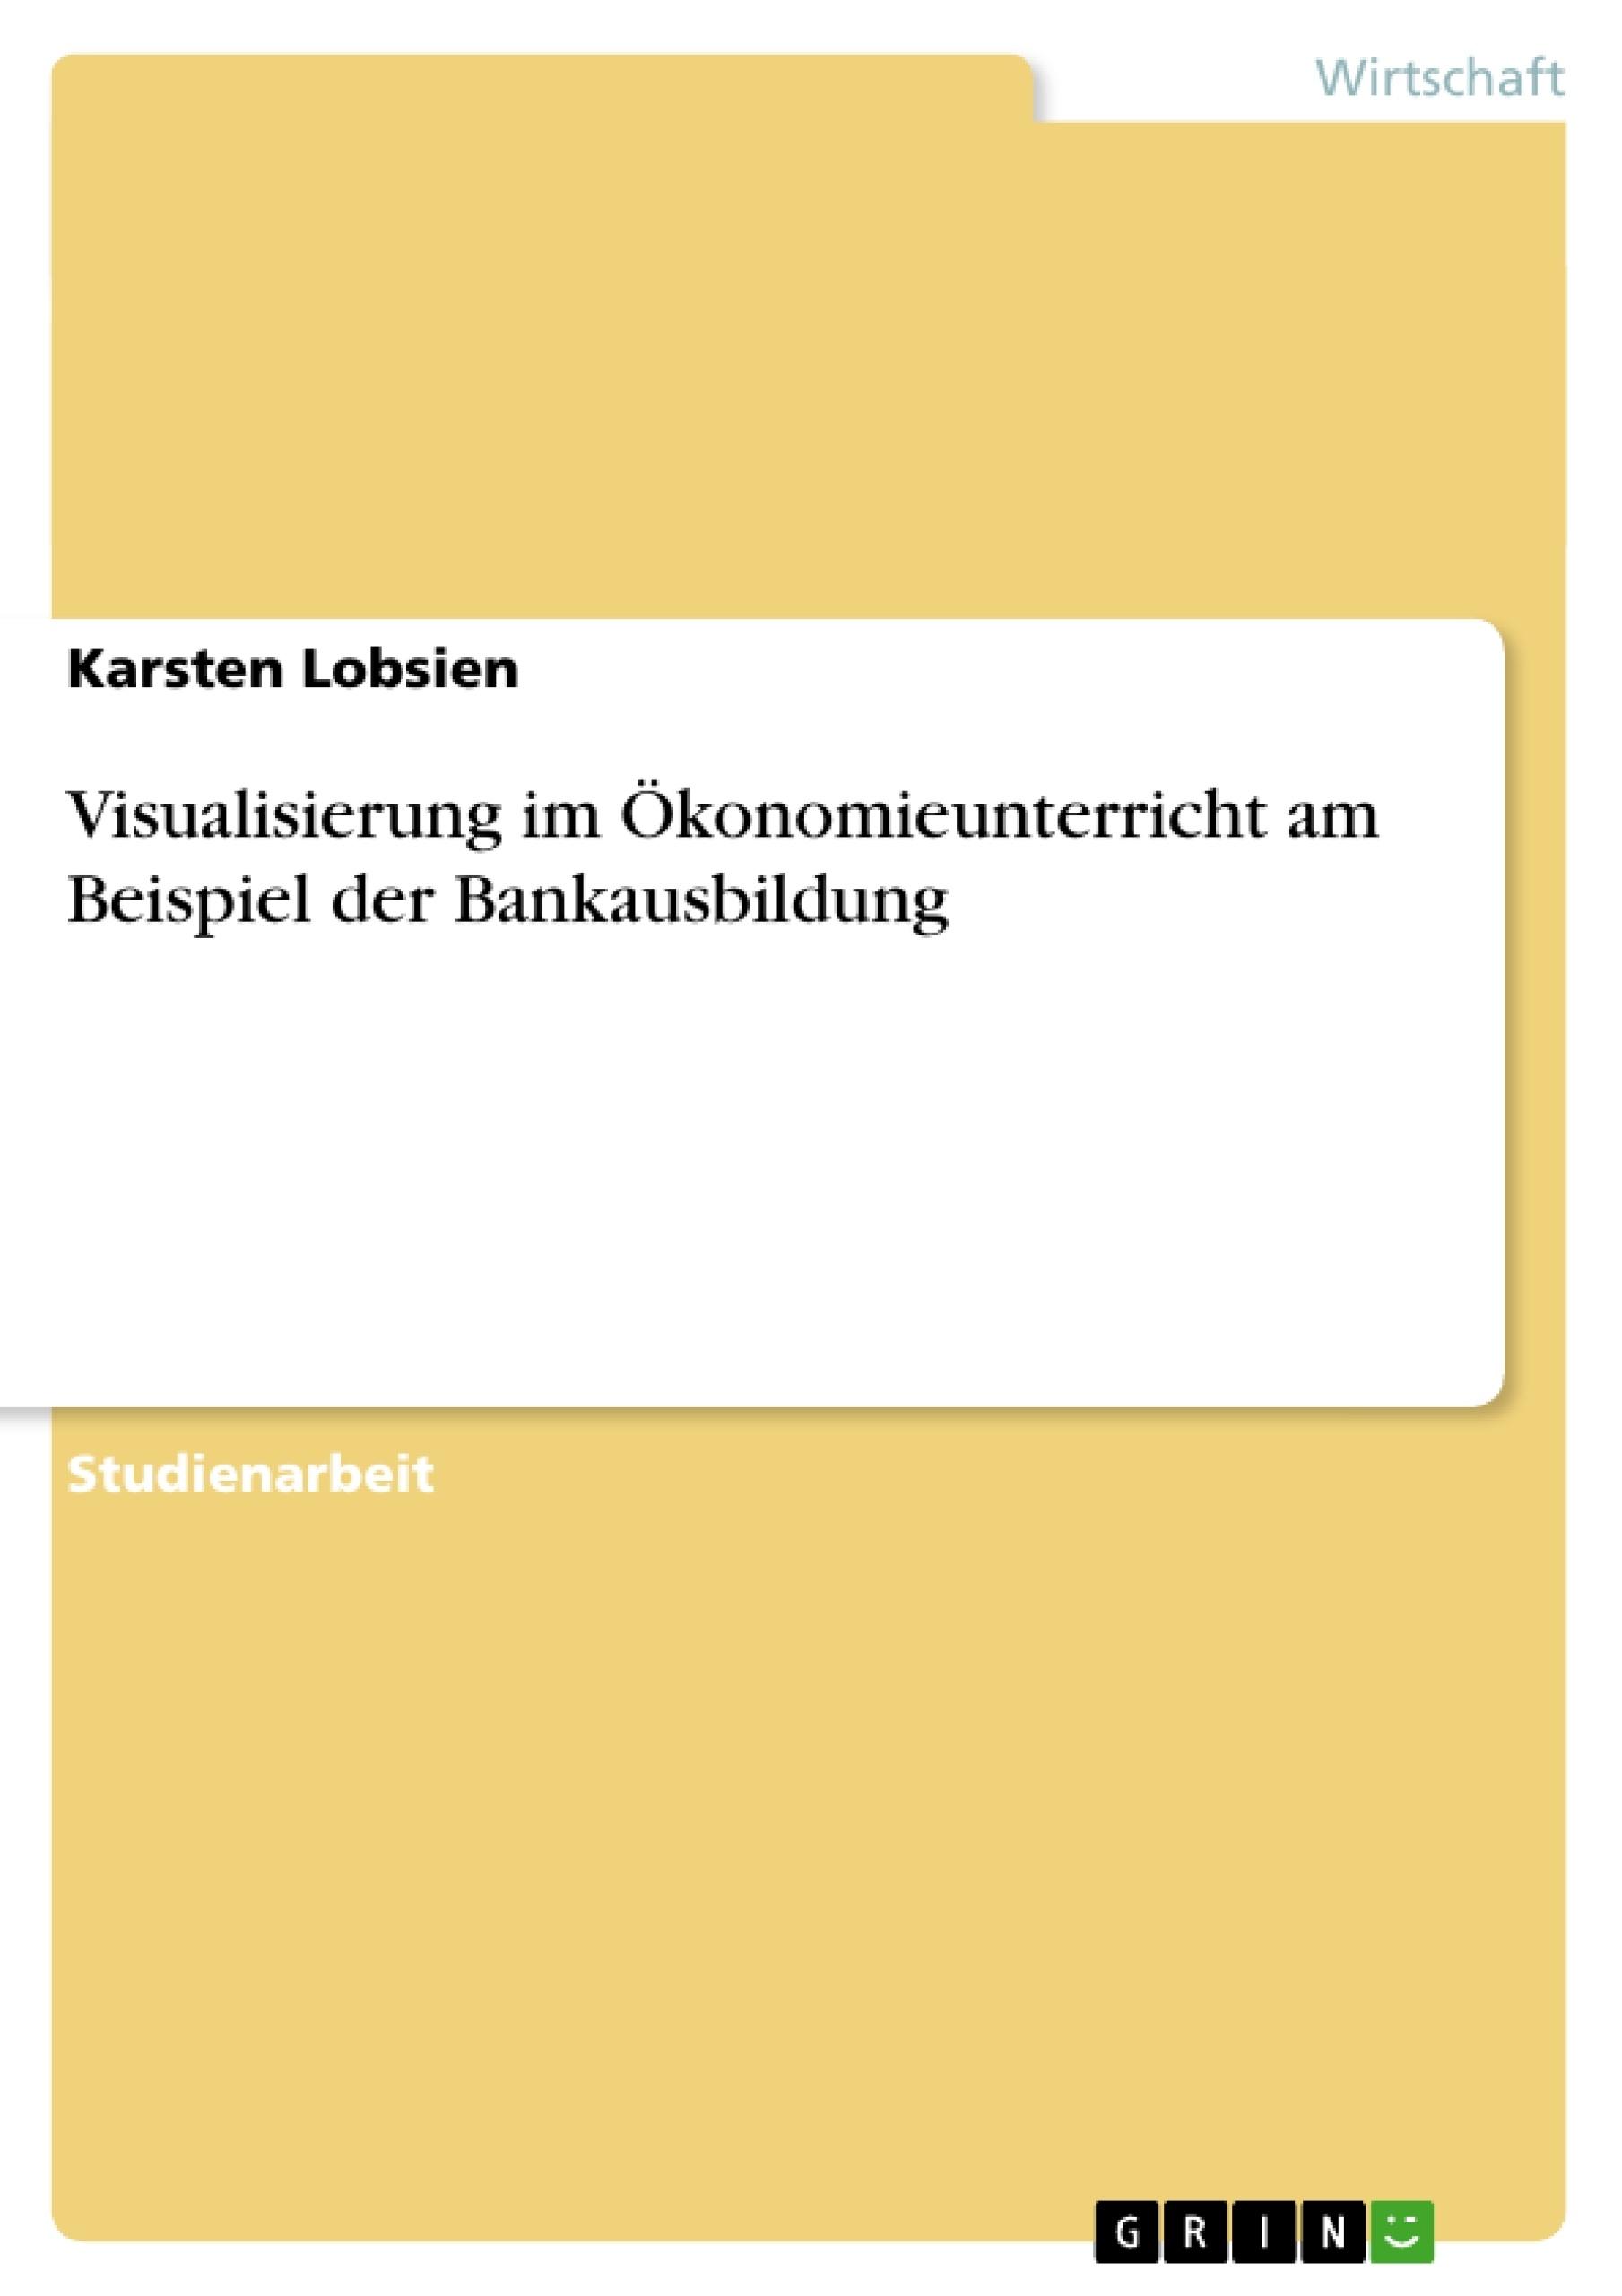 Titel: Visualisierung im Ökonomieunterricht am Beispiel der Bankausbildung